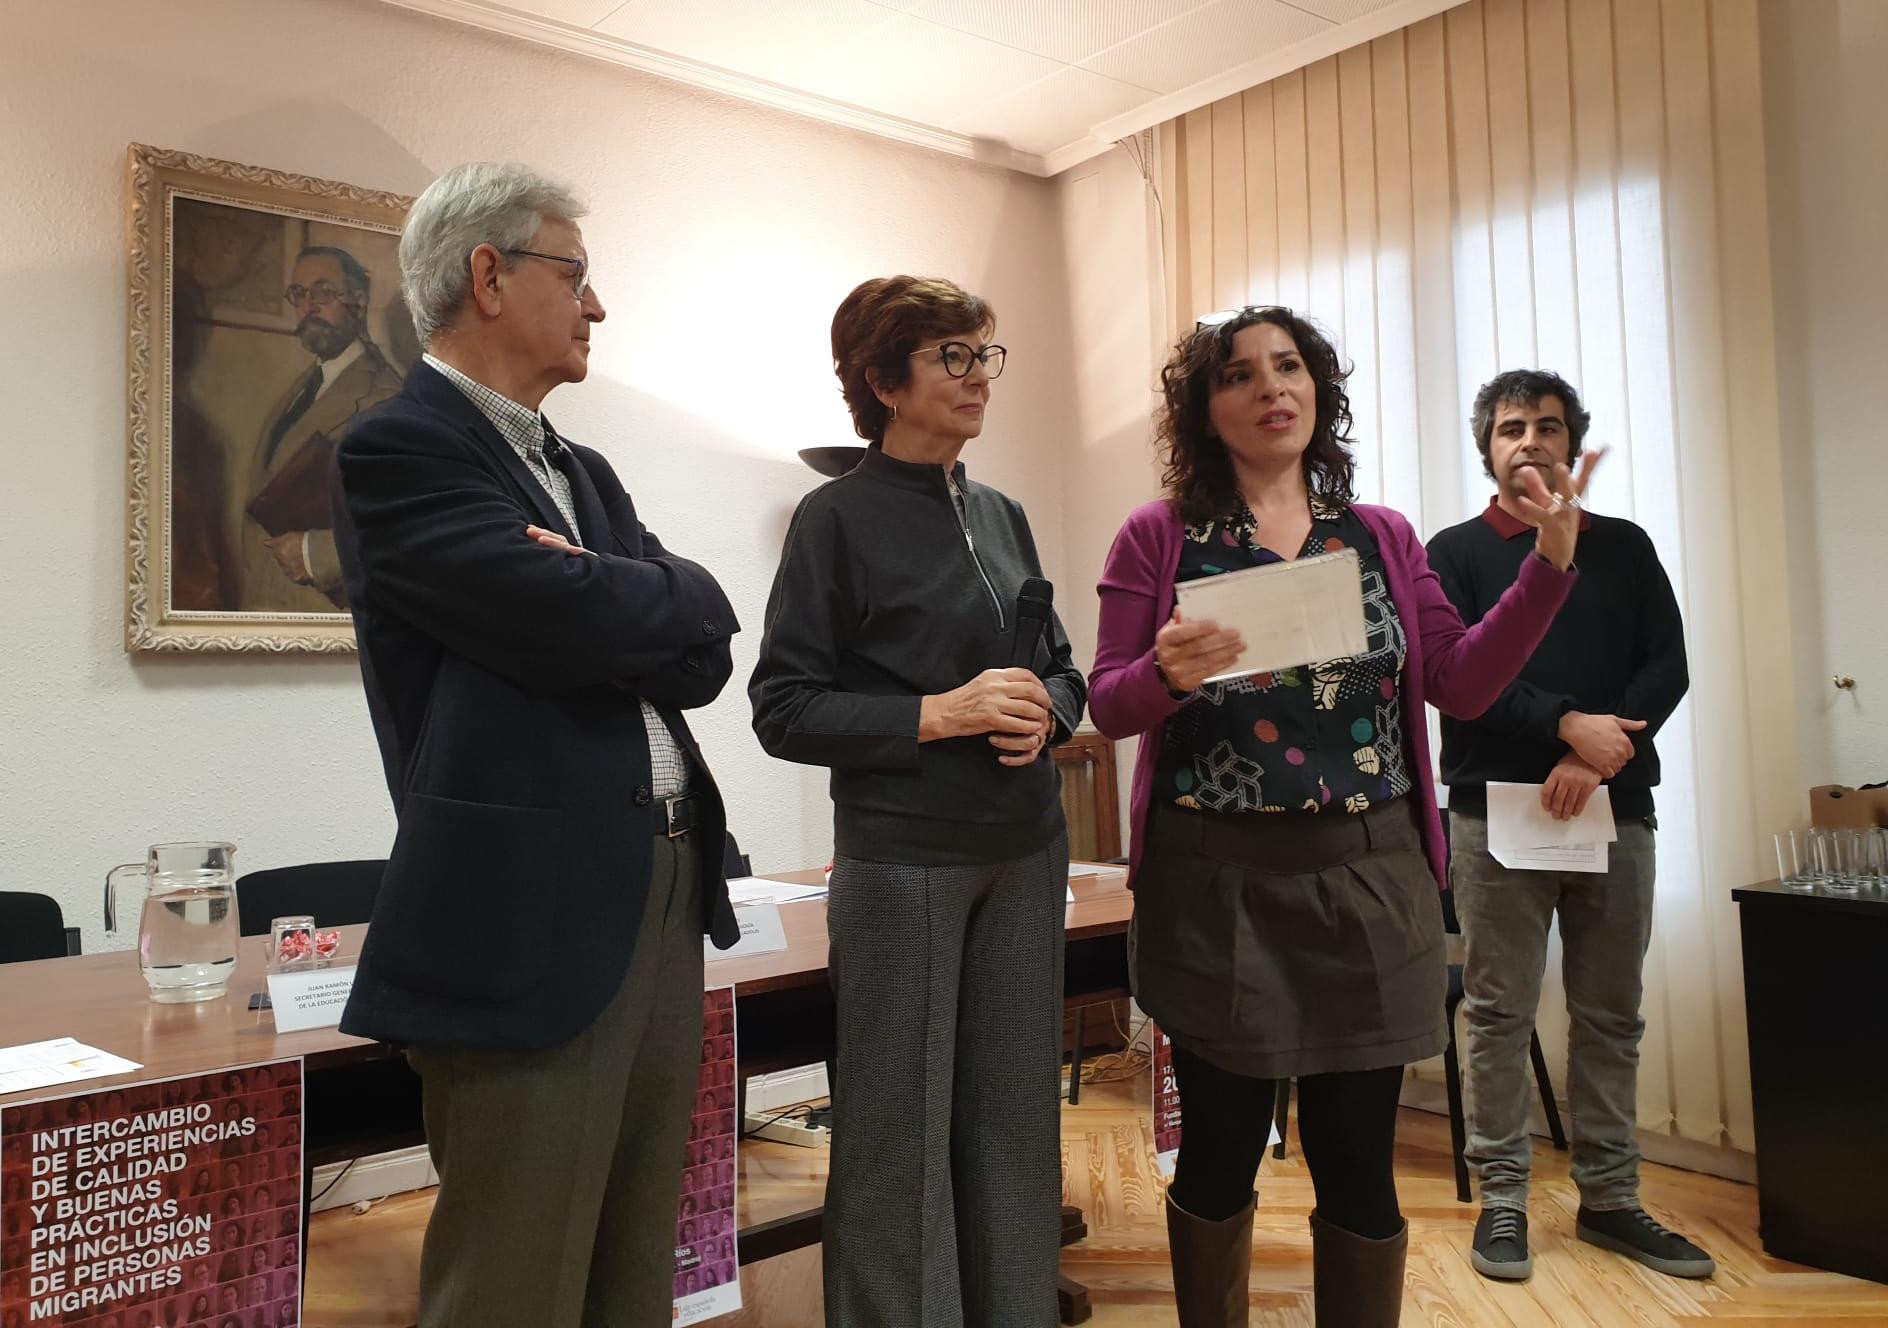 UNAF recibe el Premio a la Buena Práctica en Inclusión de personas migrantes de la Liga de la Educación